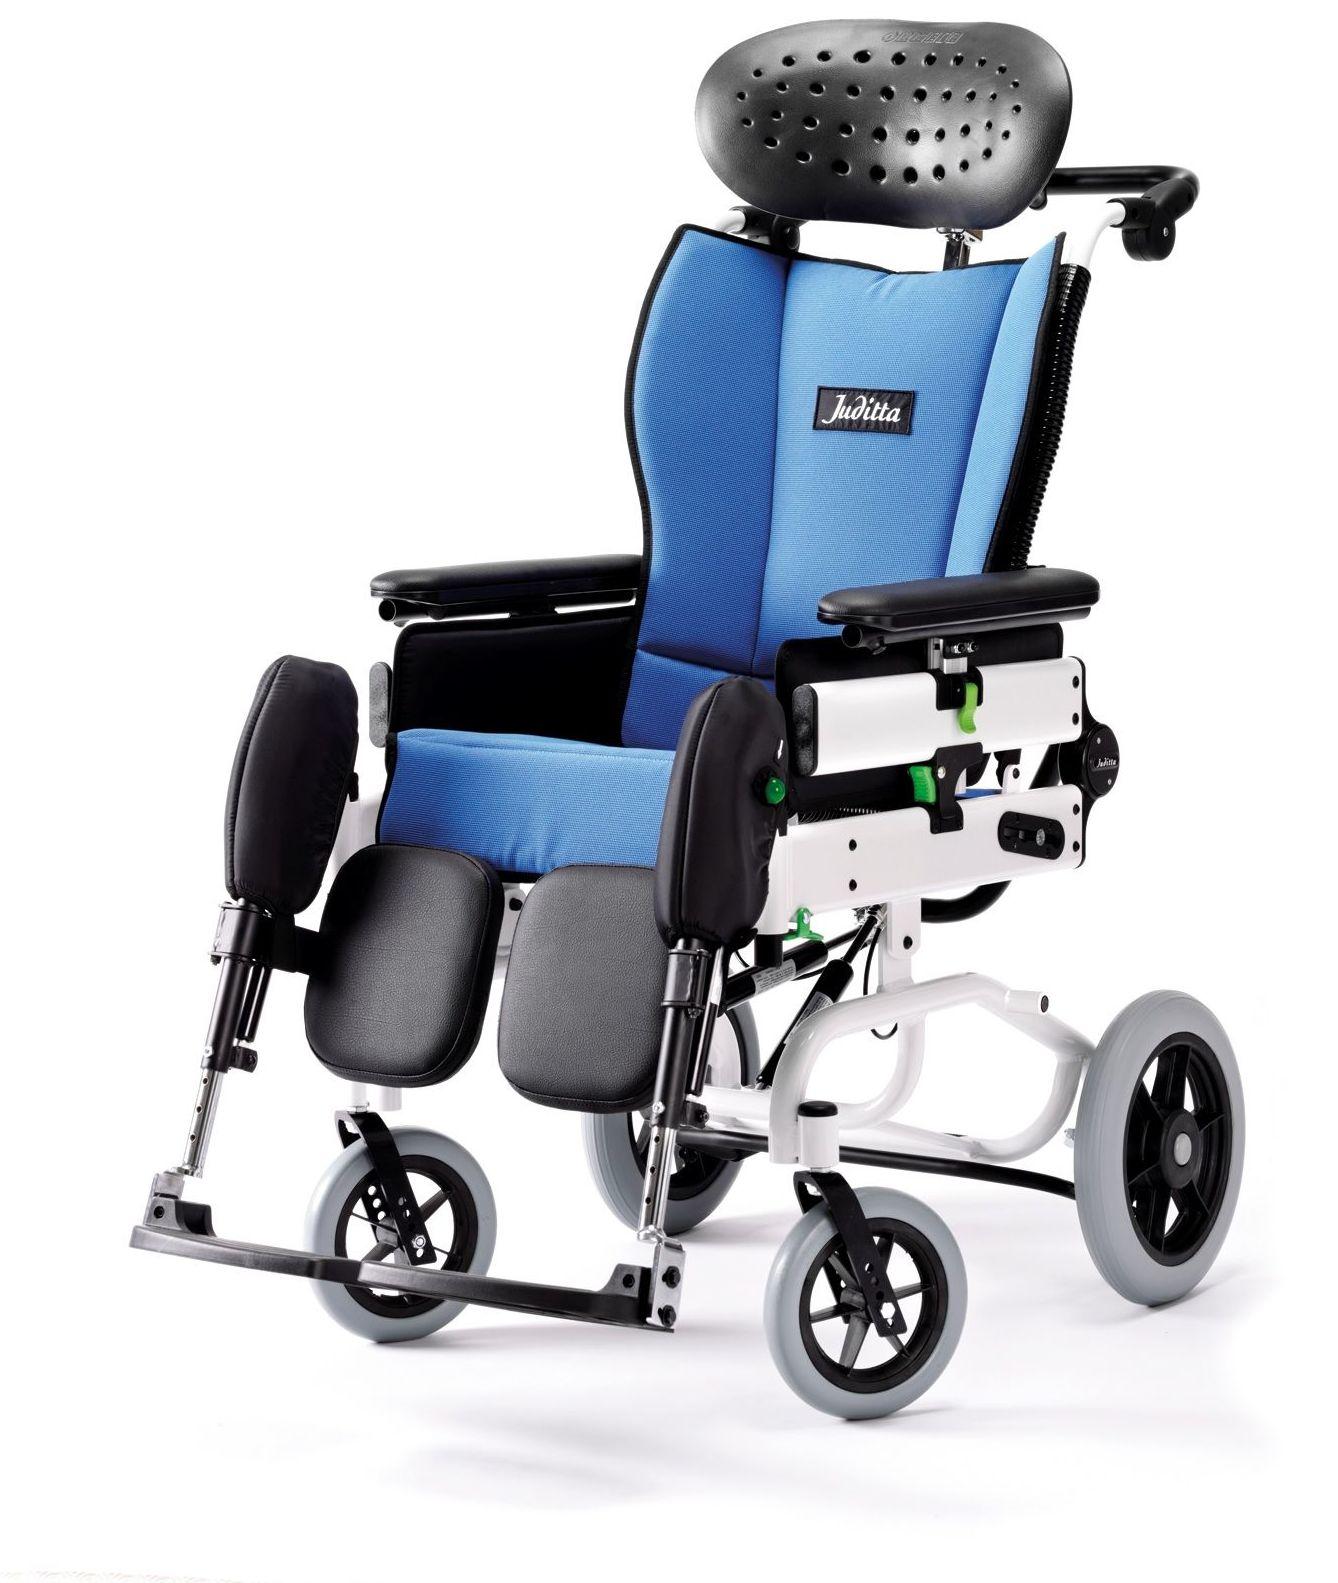 Alquiler y venta de sillas de ruedas en Navarra